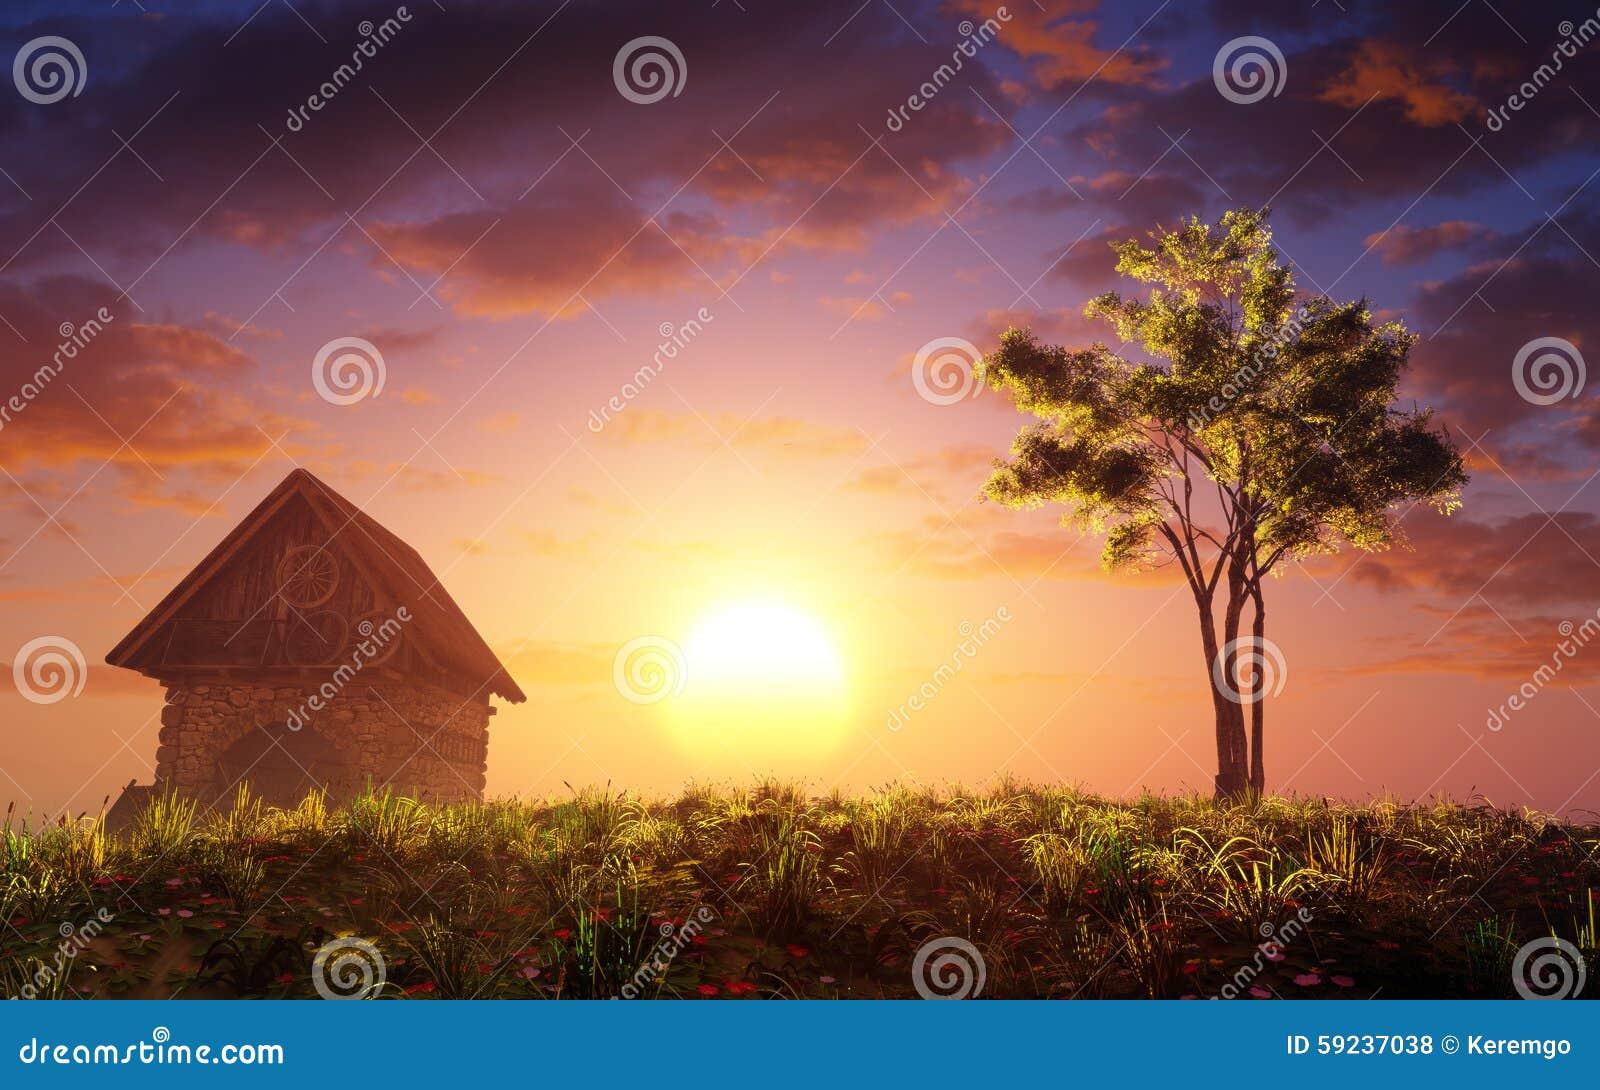 Download Cabaña Y árbol En La Colina De La Puesta Del Sol Stock de ilustración - Ilustración de dreamy, sobre: 59237038